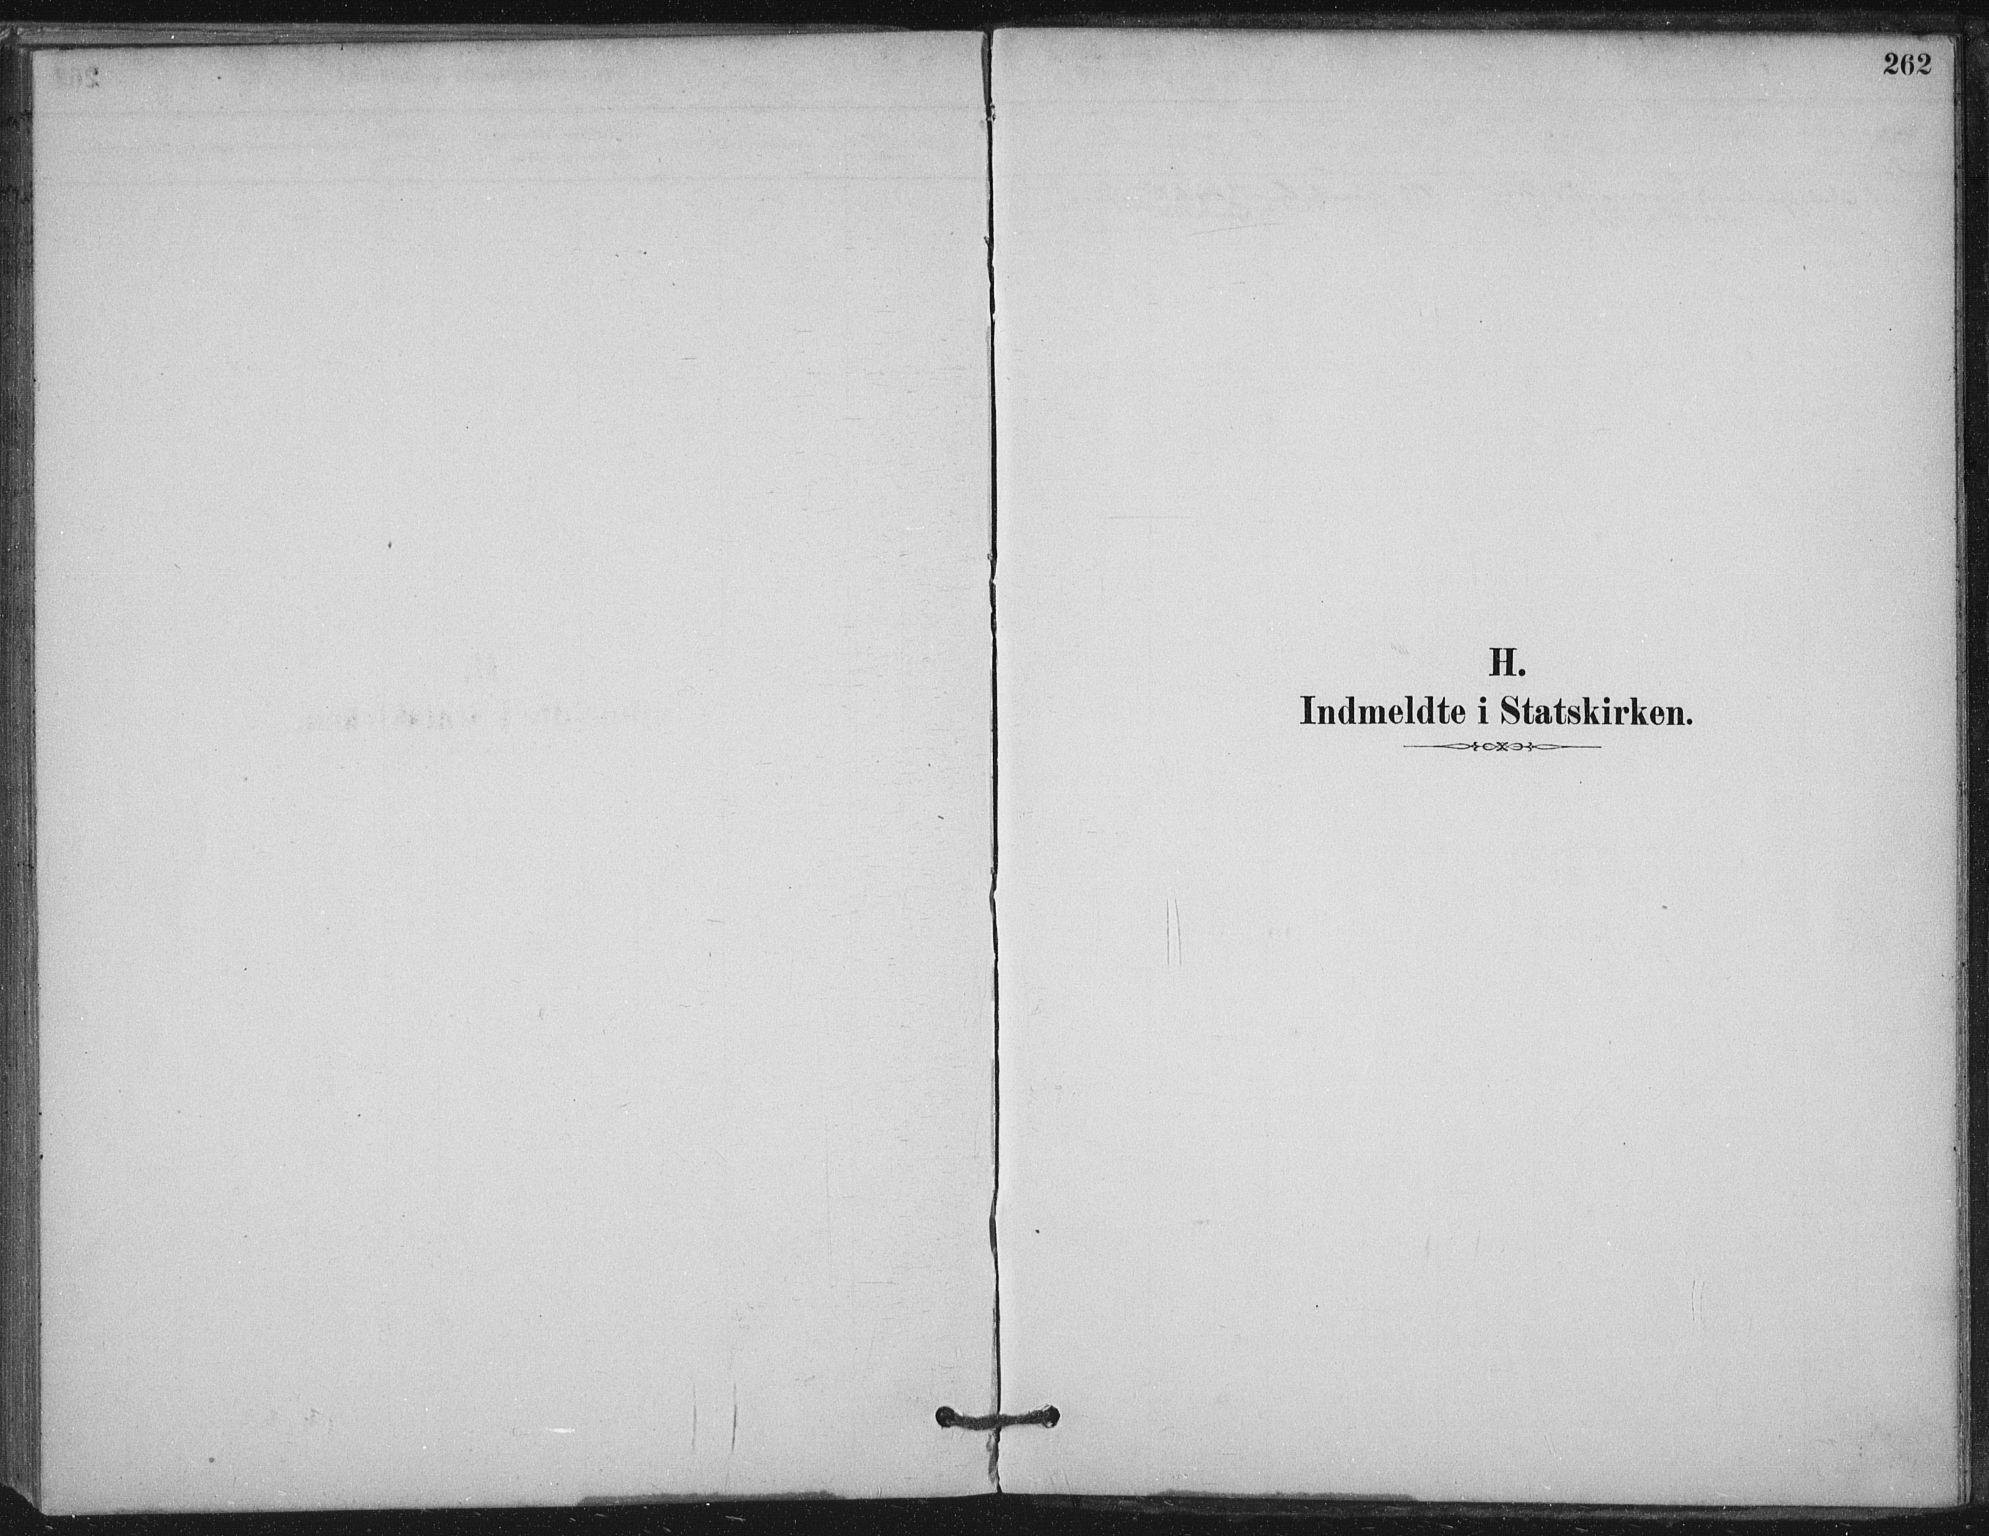 SAT, Ministerialprotokoller, klokkerbøker og fødselsregistre - Nord-Trøndelag, 710/L0095: Ministerialbok nr. 710A01, 1880-1914, s. 262